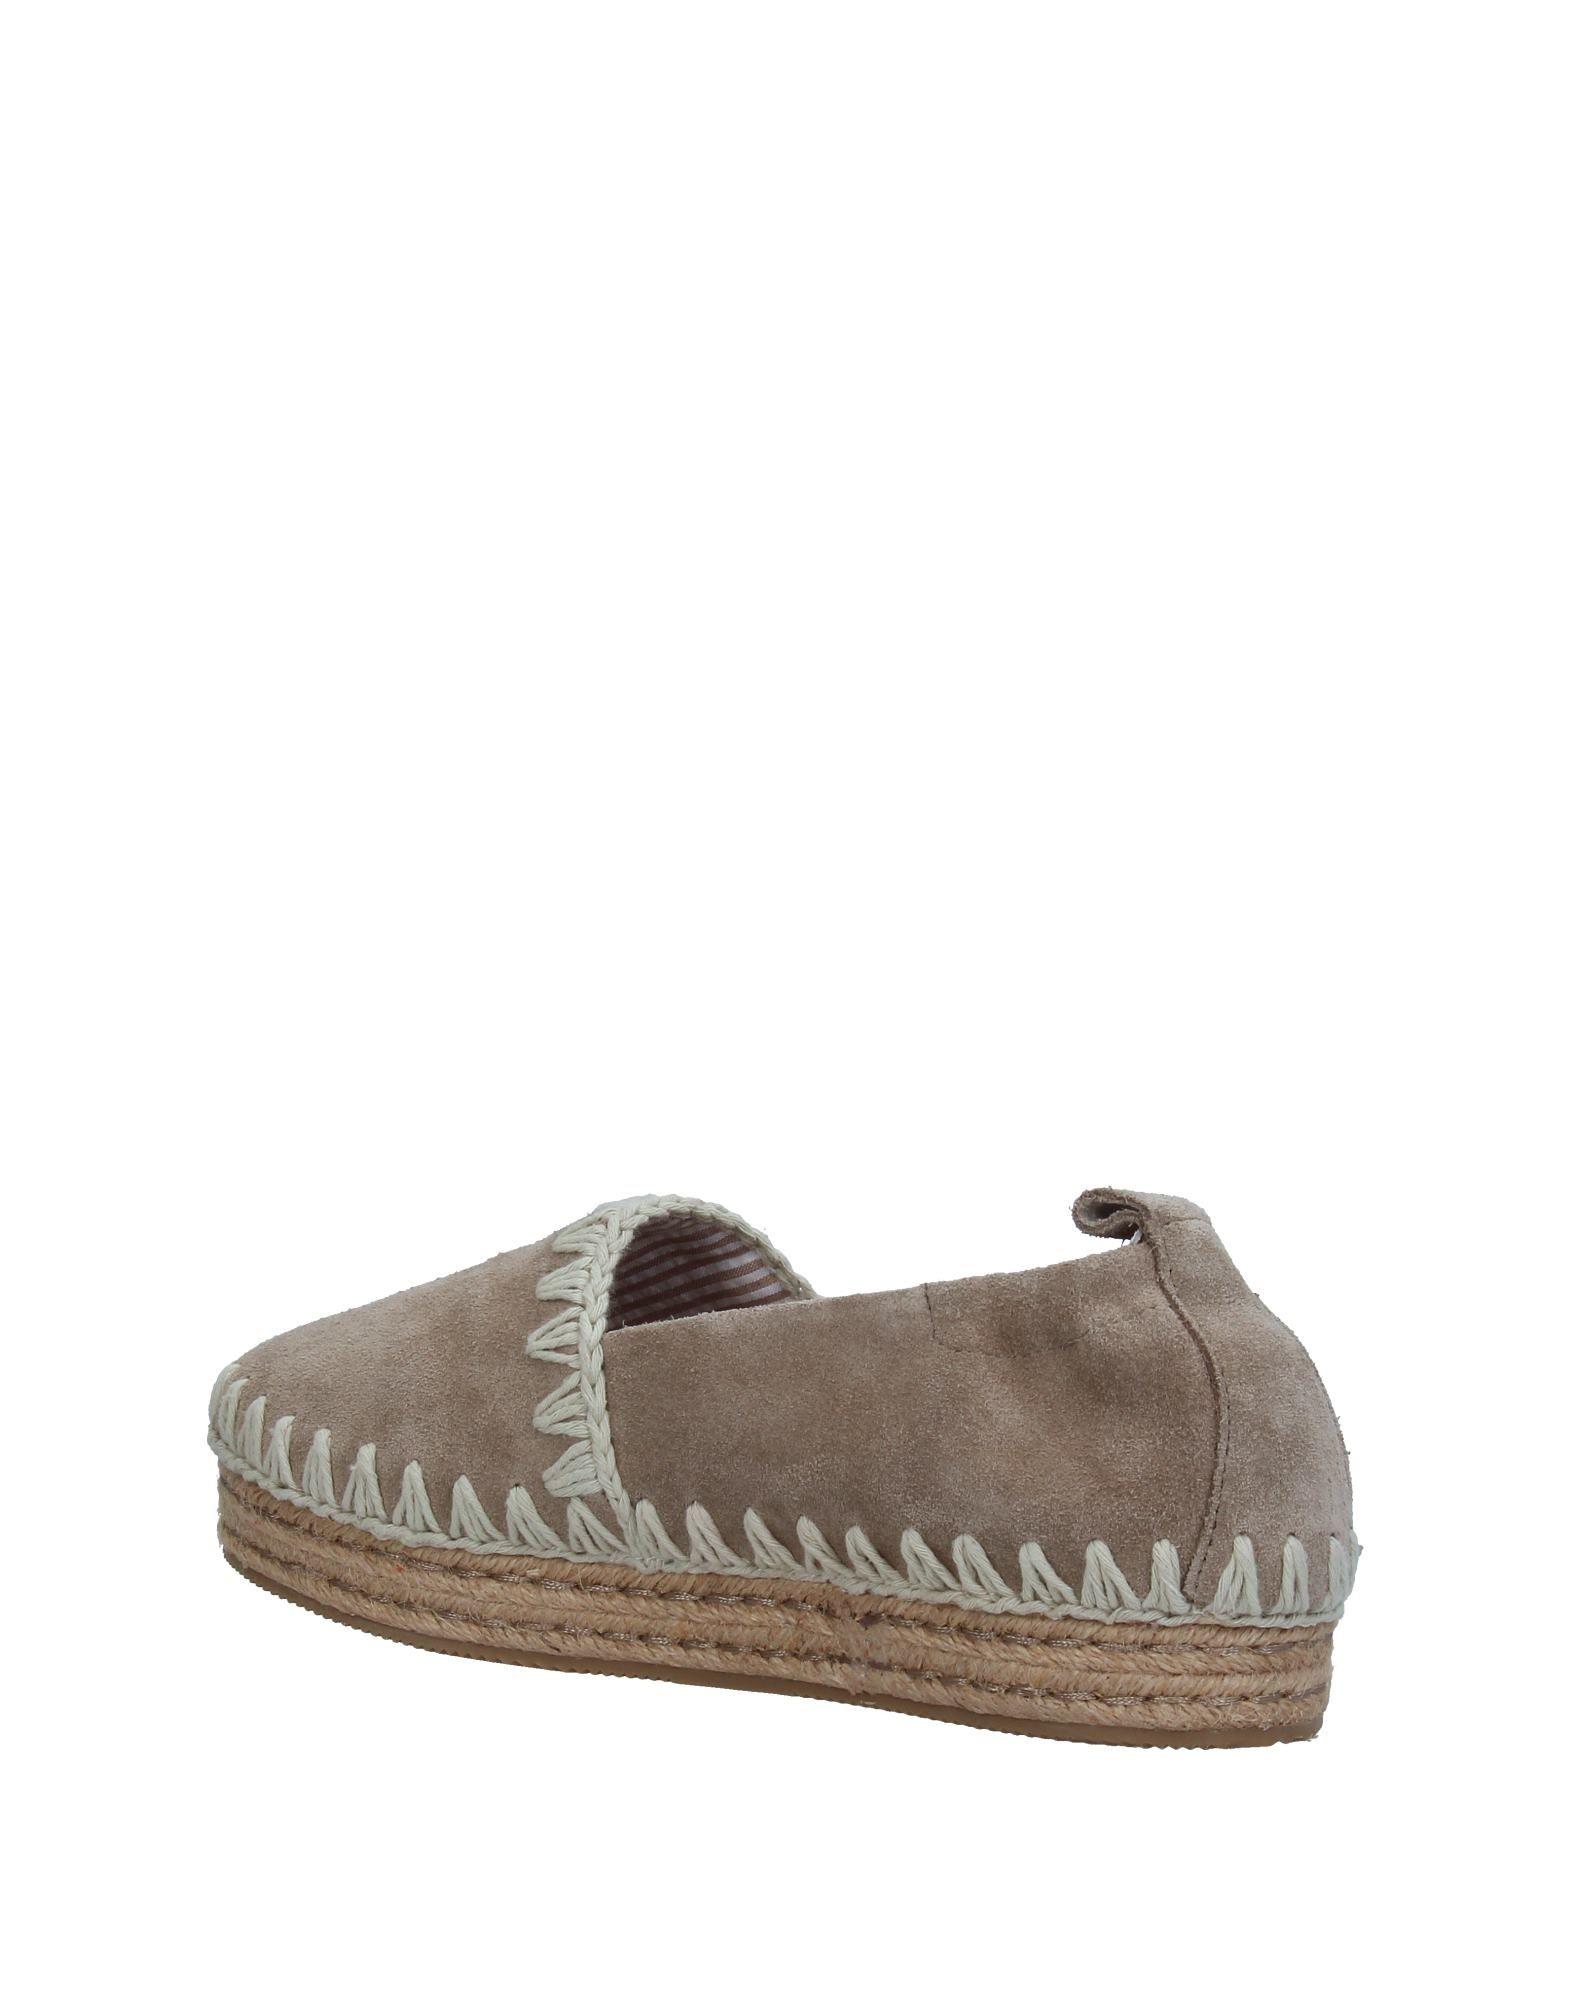 Mou Espadrilles Damen  11359615TB Gute Qualität beliebte Schuhe